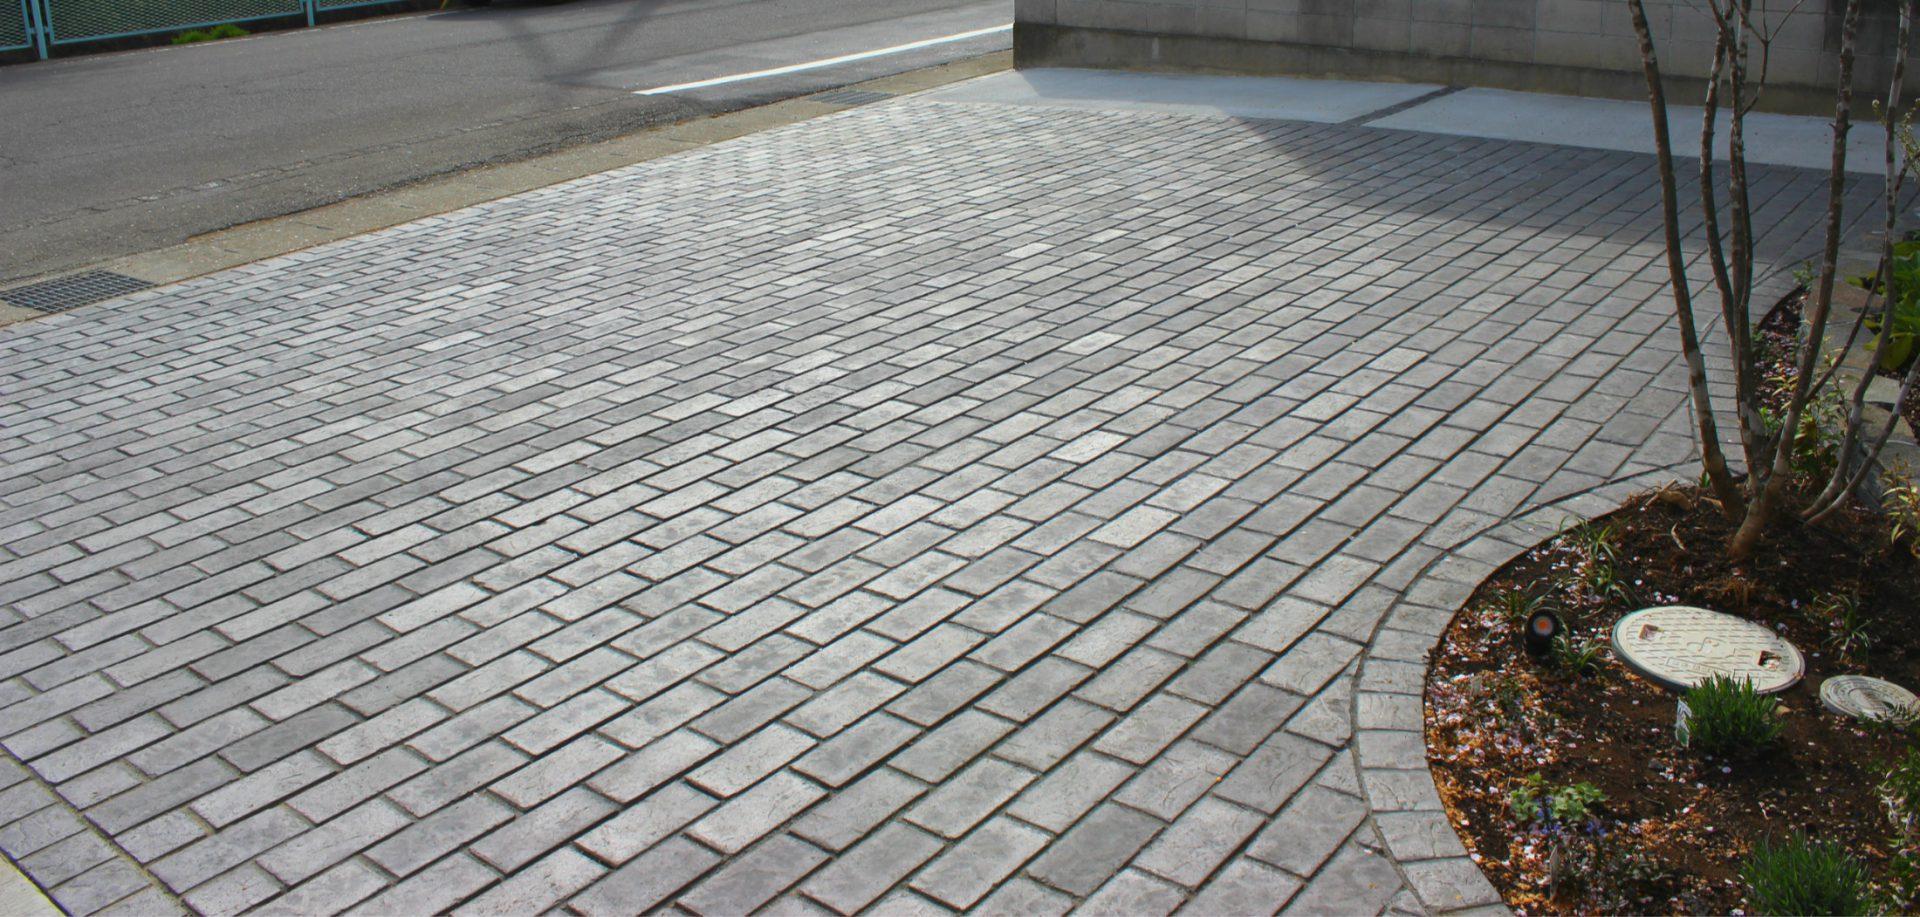 シックな色のレンガの駐輪スペース